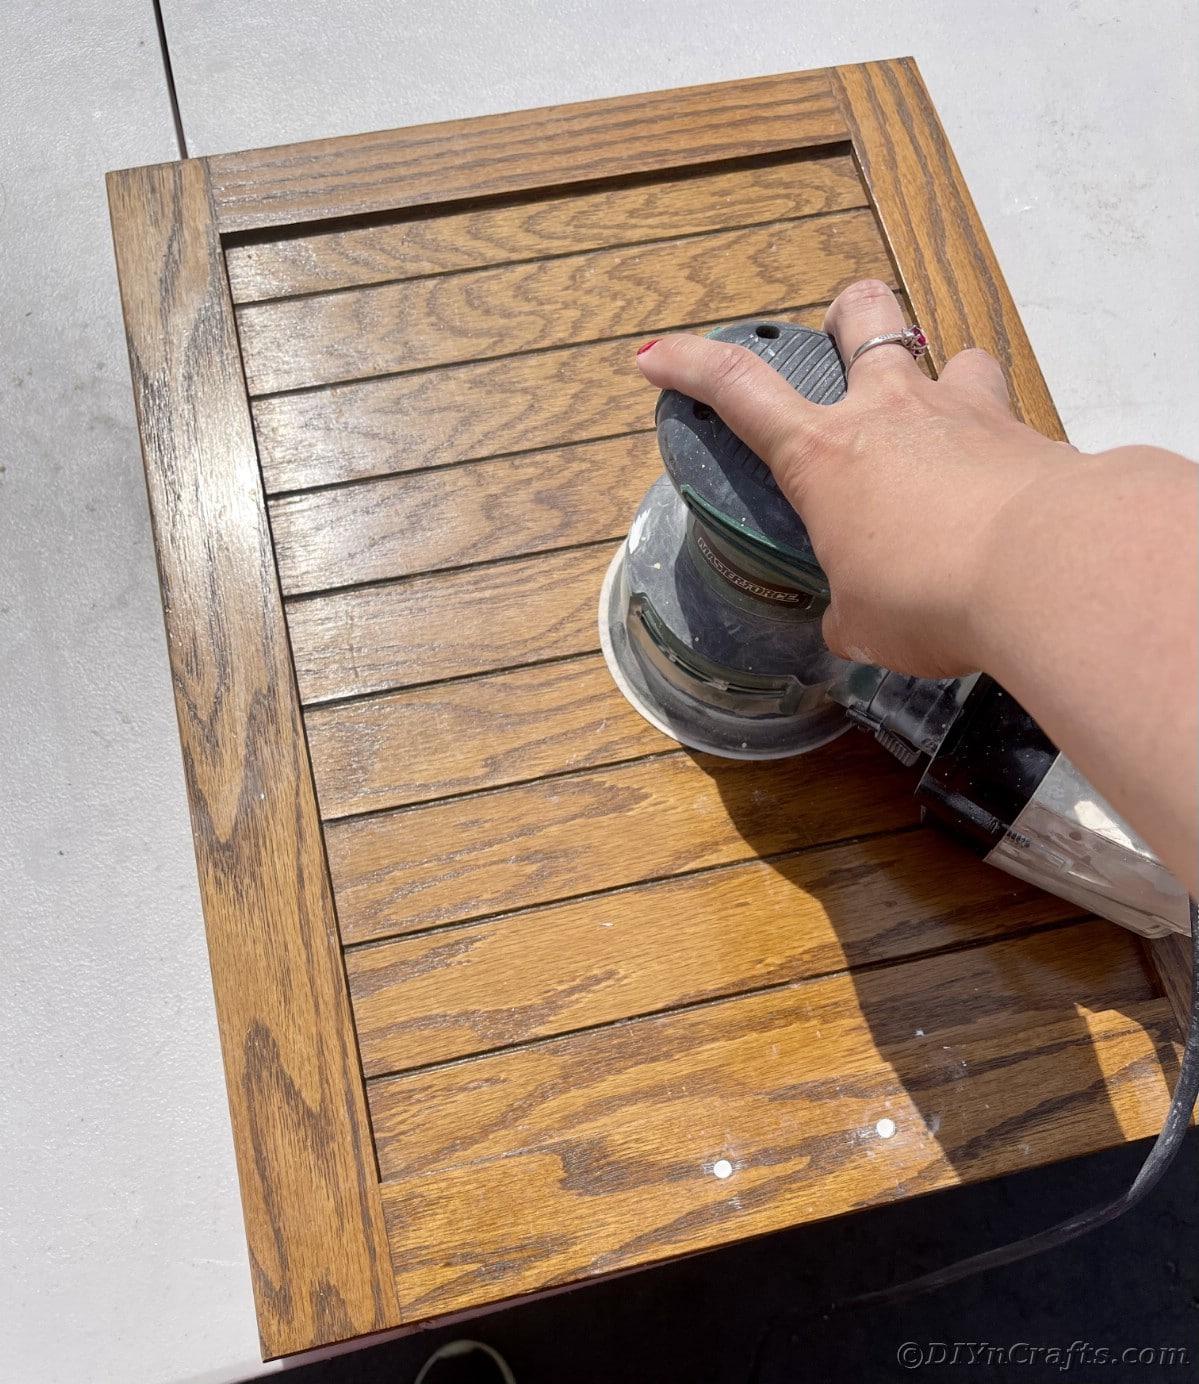 Using orbital sander on wood grain cabinet door